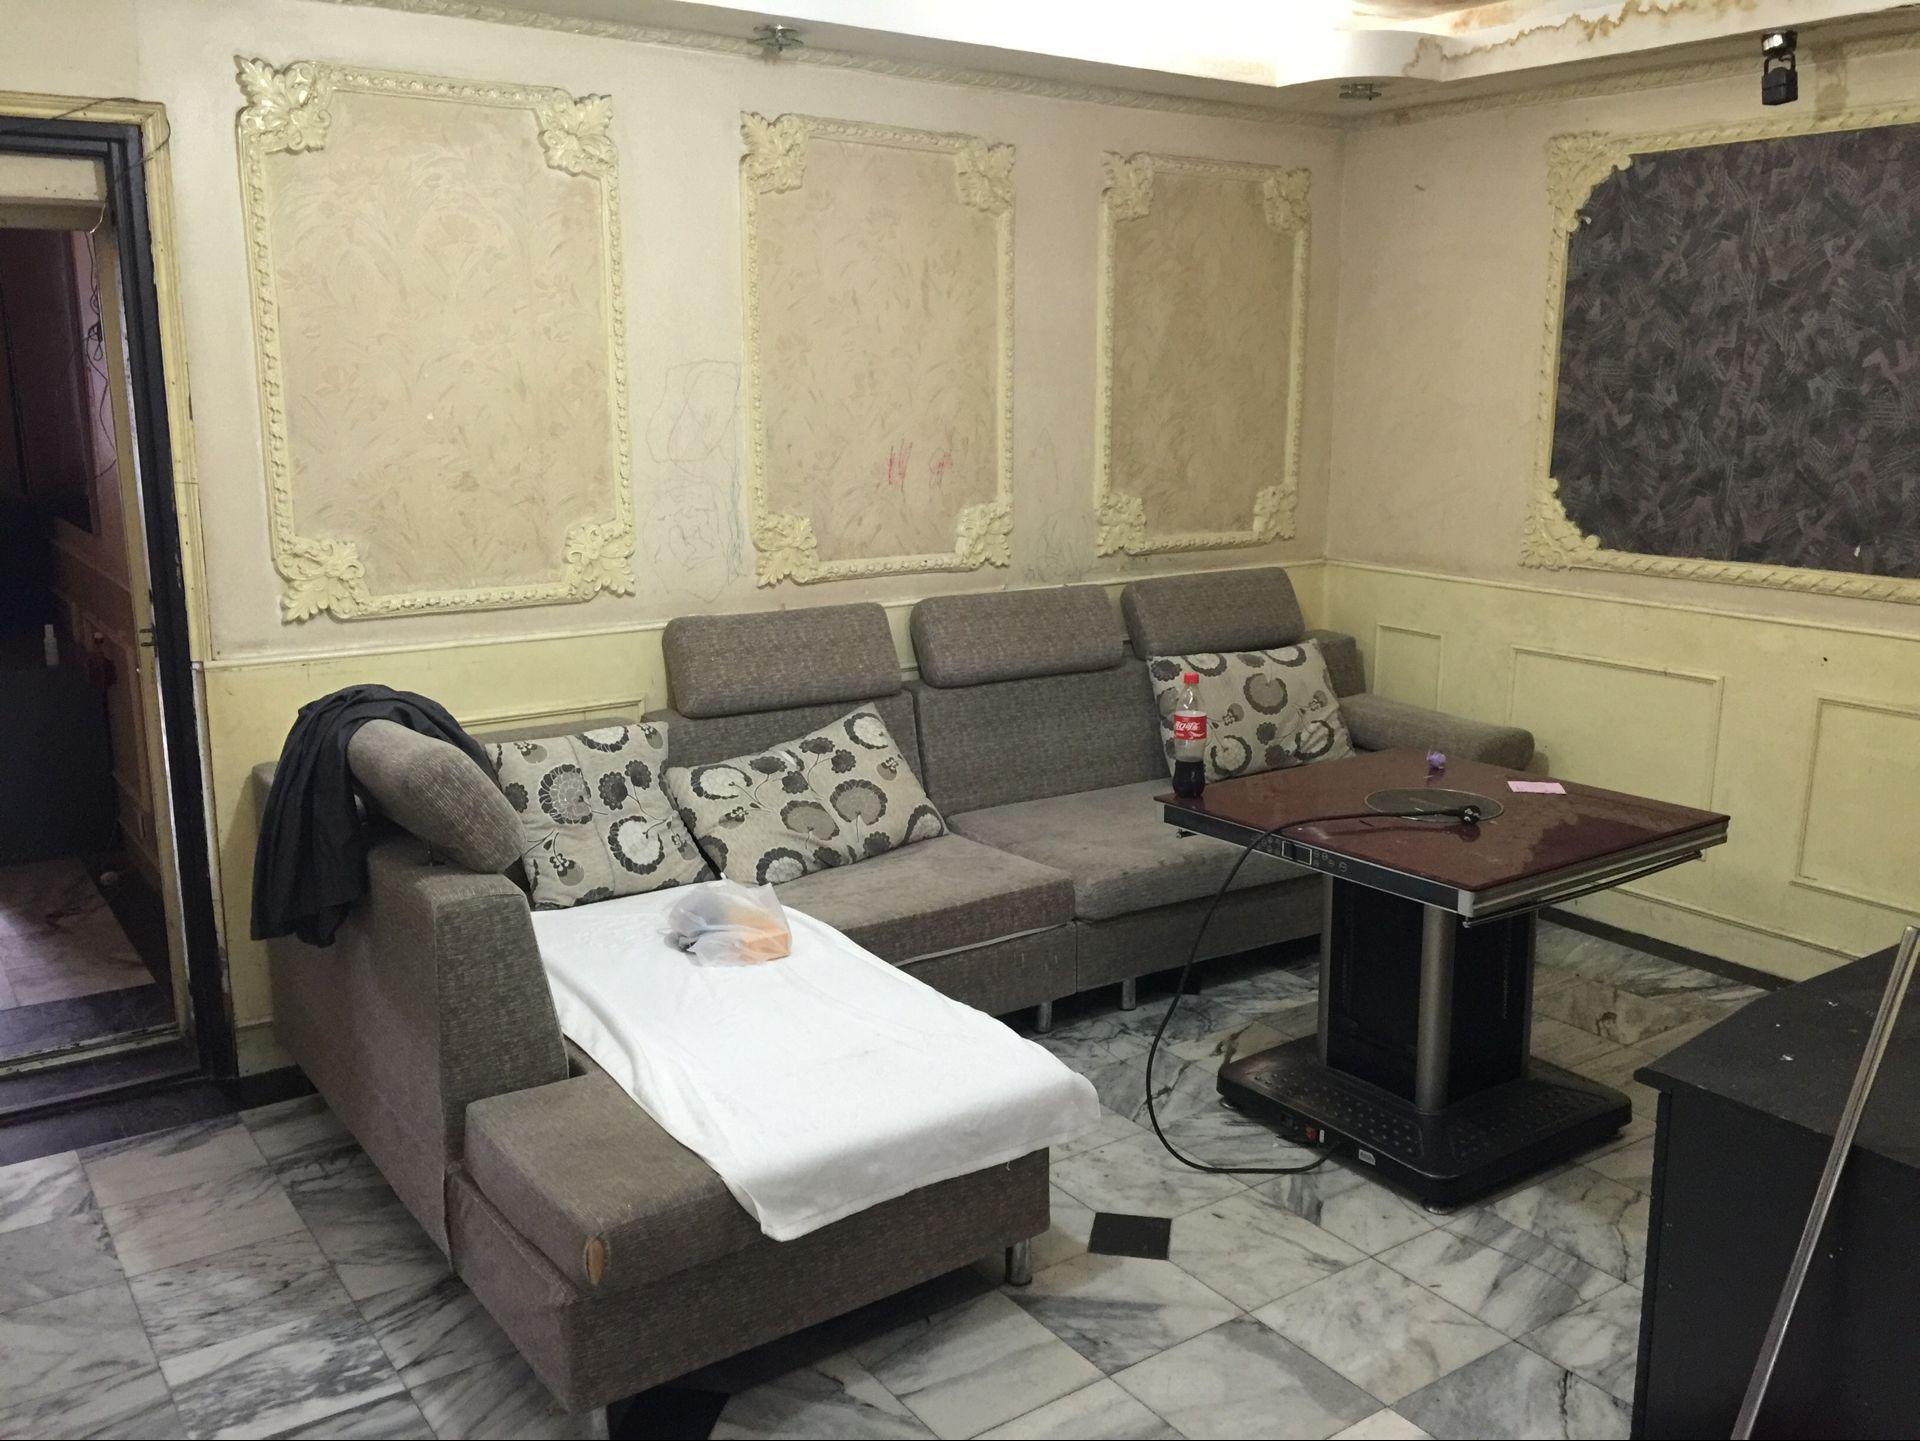 普陀路 陕西路120大院 2室 1厅 65平米 整租陕西路120大院